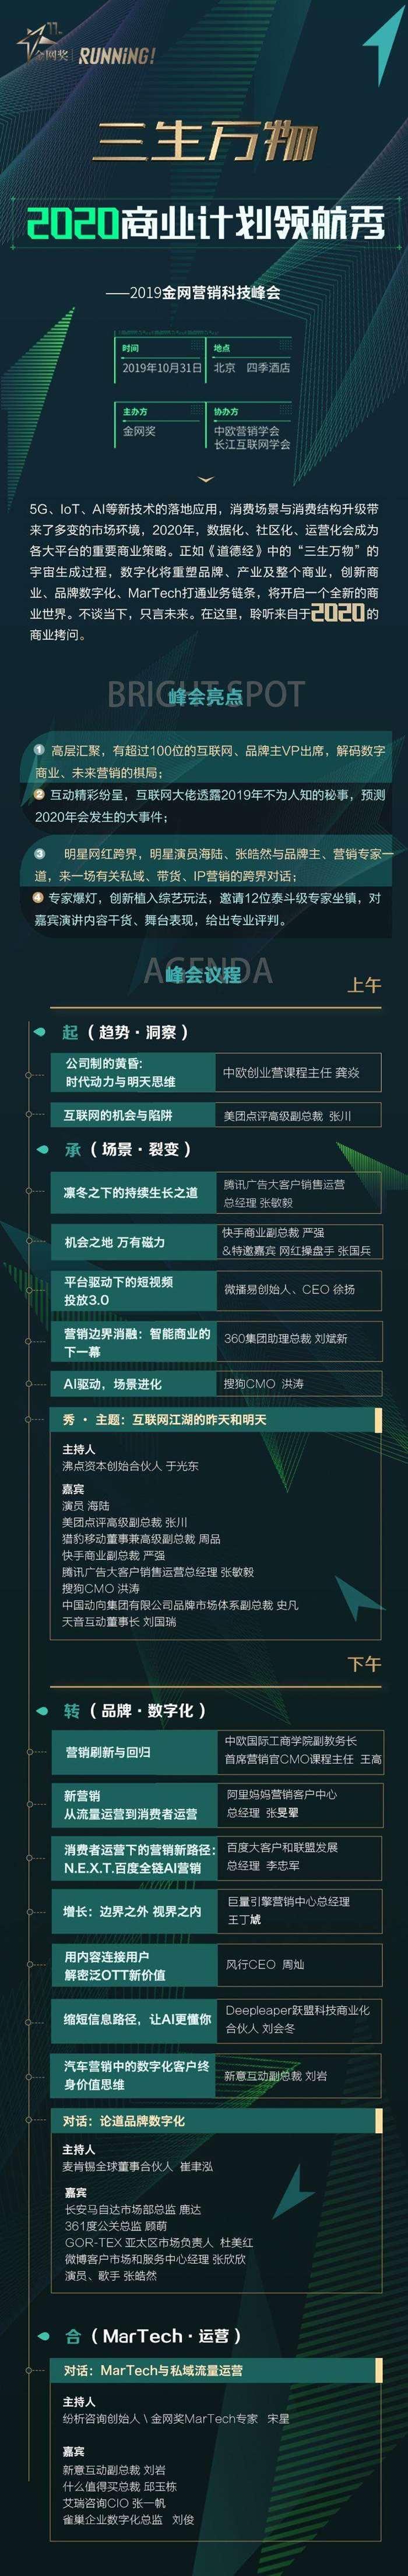 QQ分分彩开奖结果长图.png